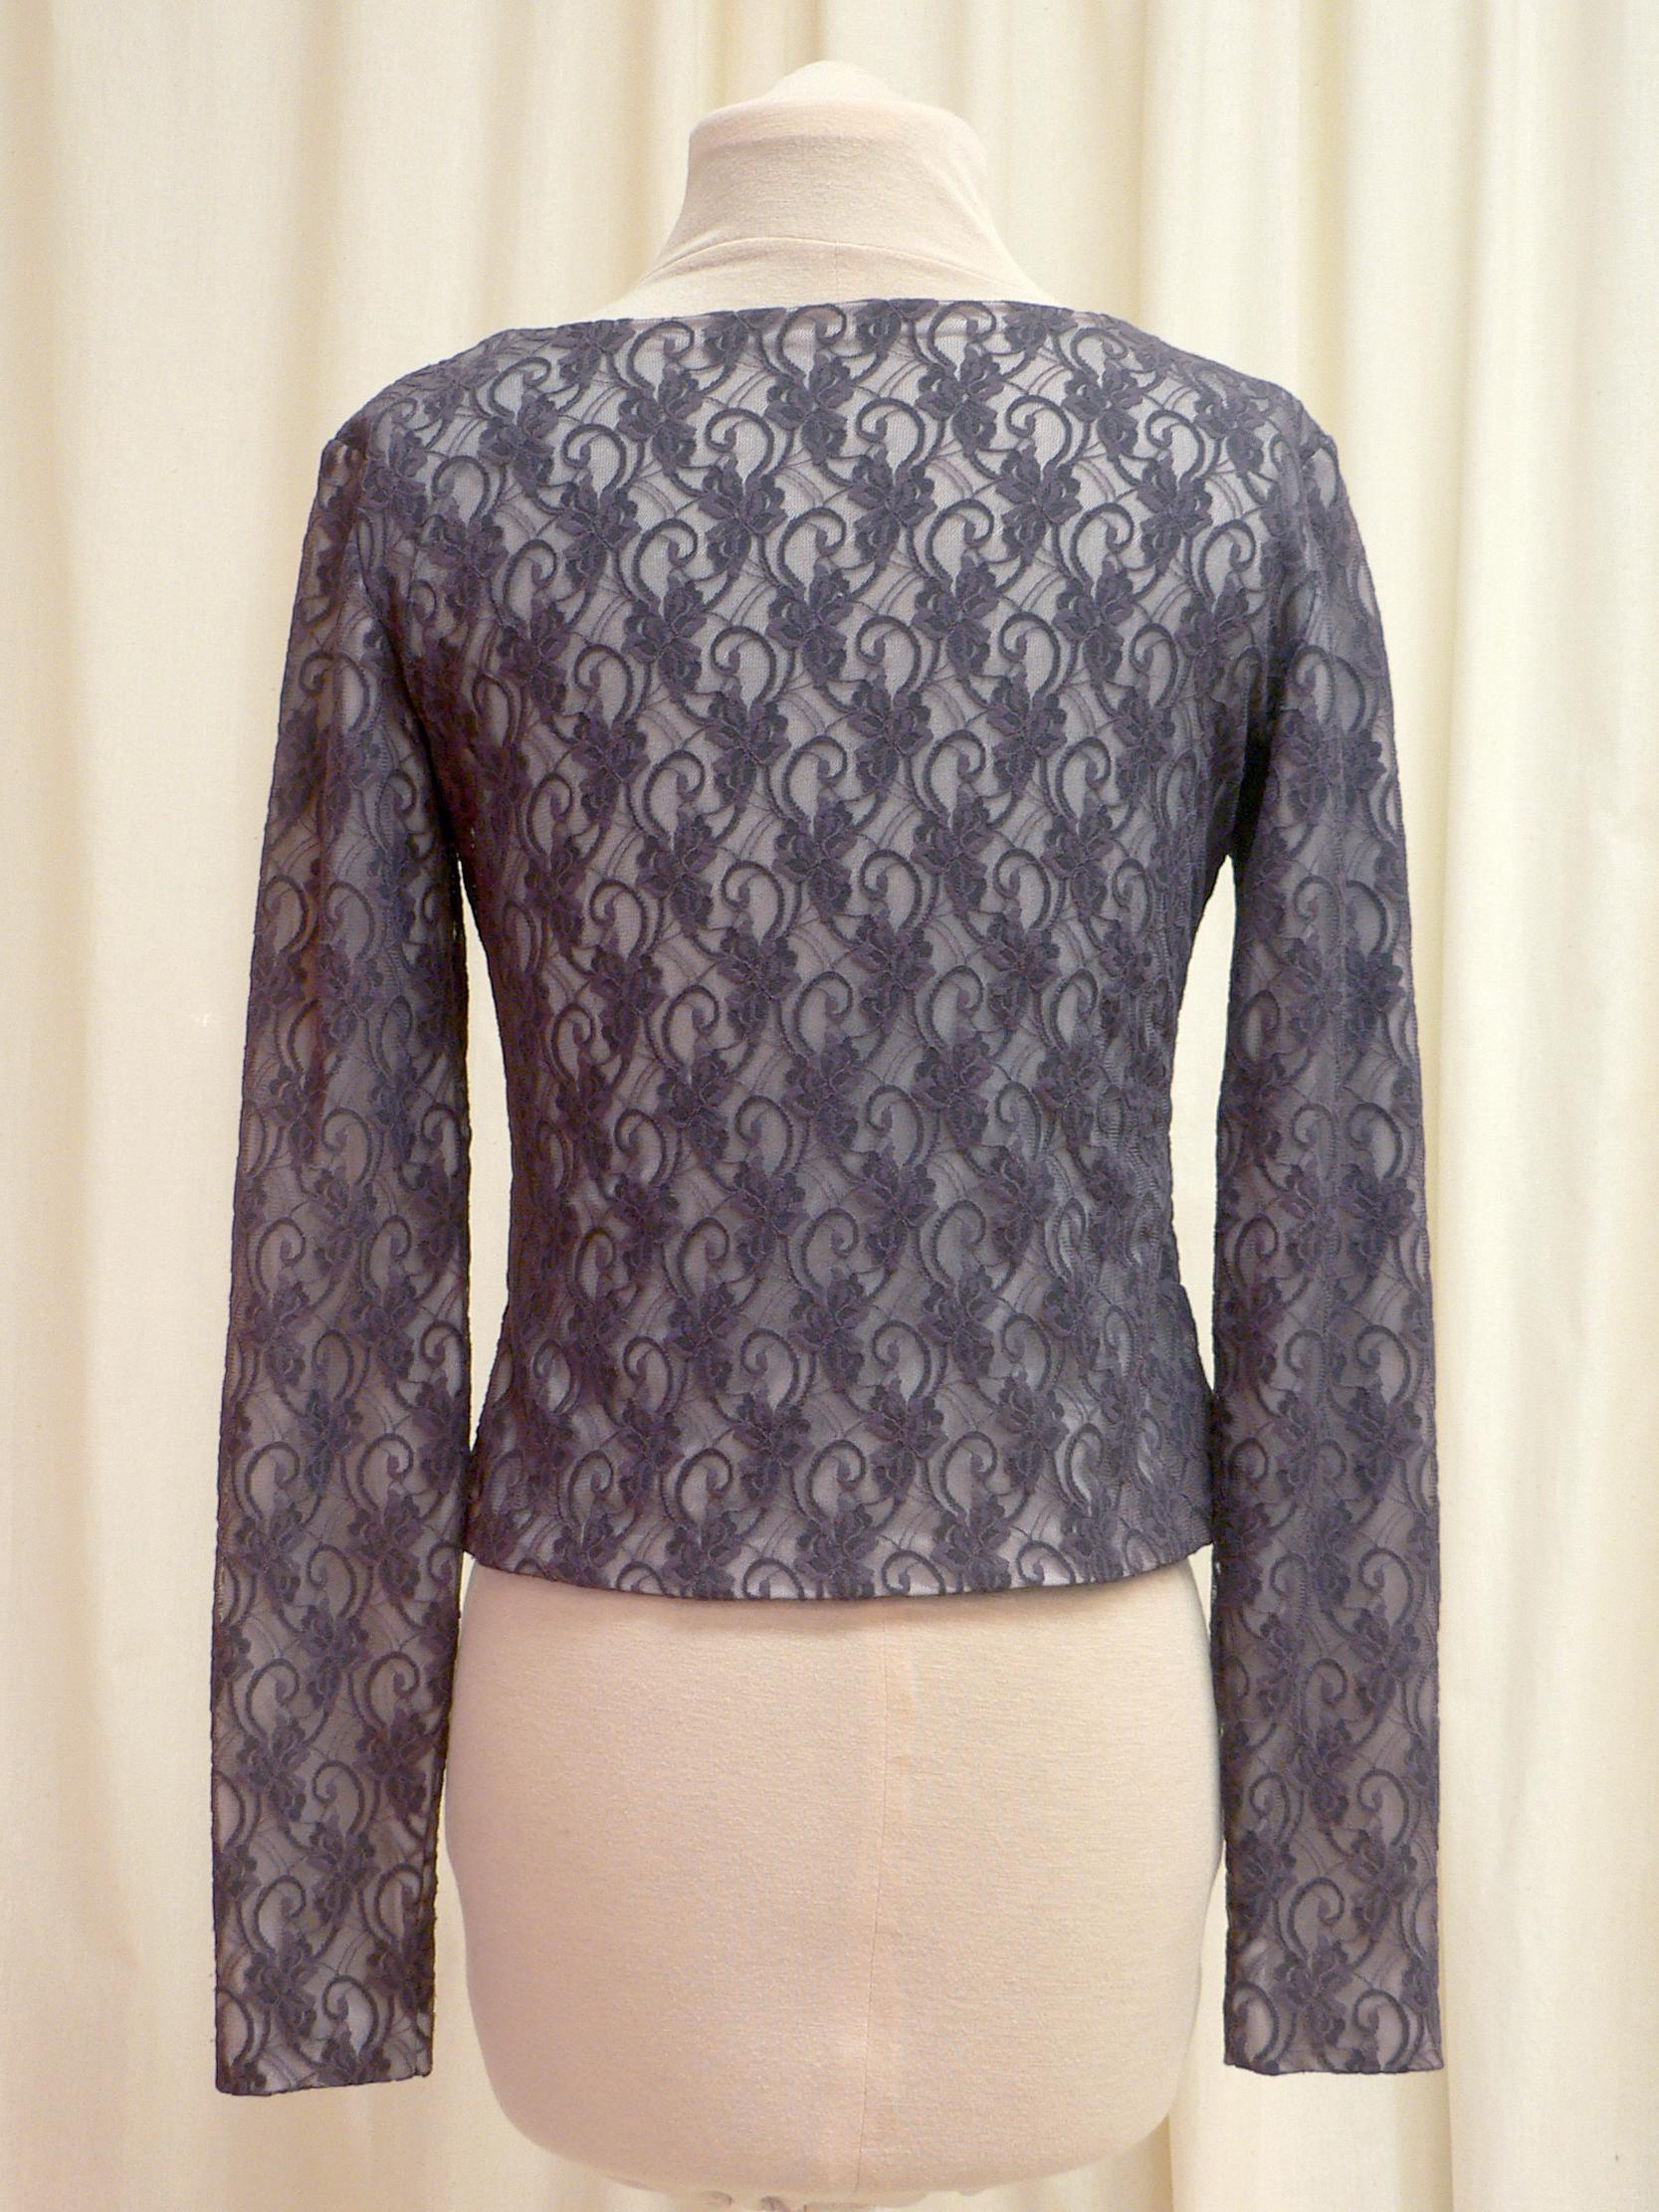 blouse02_back.jpg